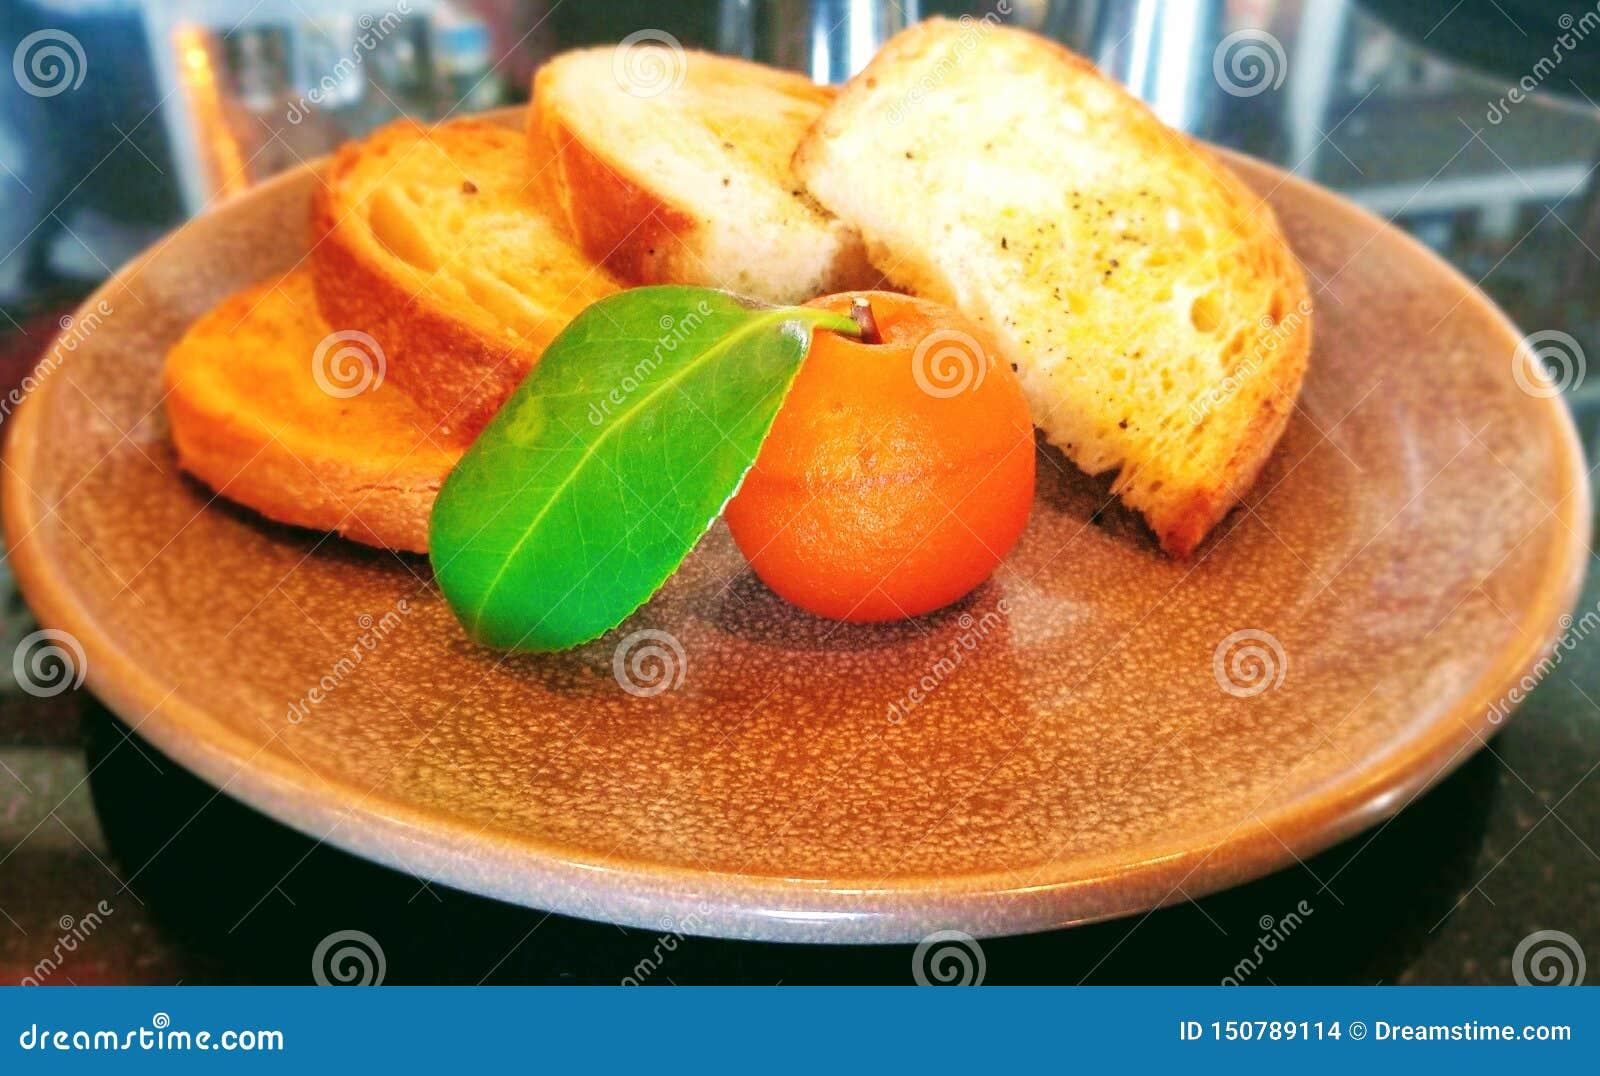 Γαστρονομικά ορεκτικά: foie gras για το μεσημεριανό γεύμα